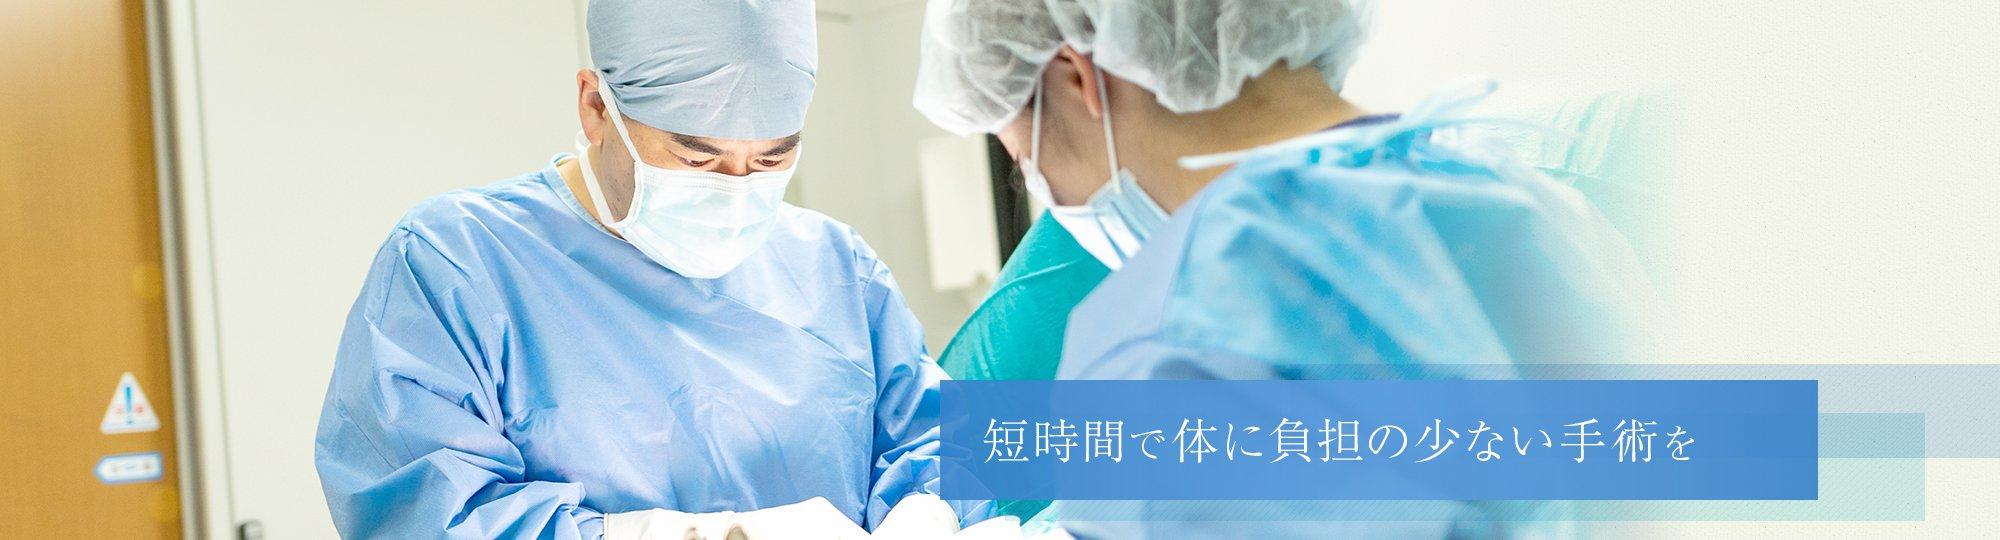 短時間で体に負担の少ない手術を